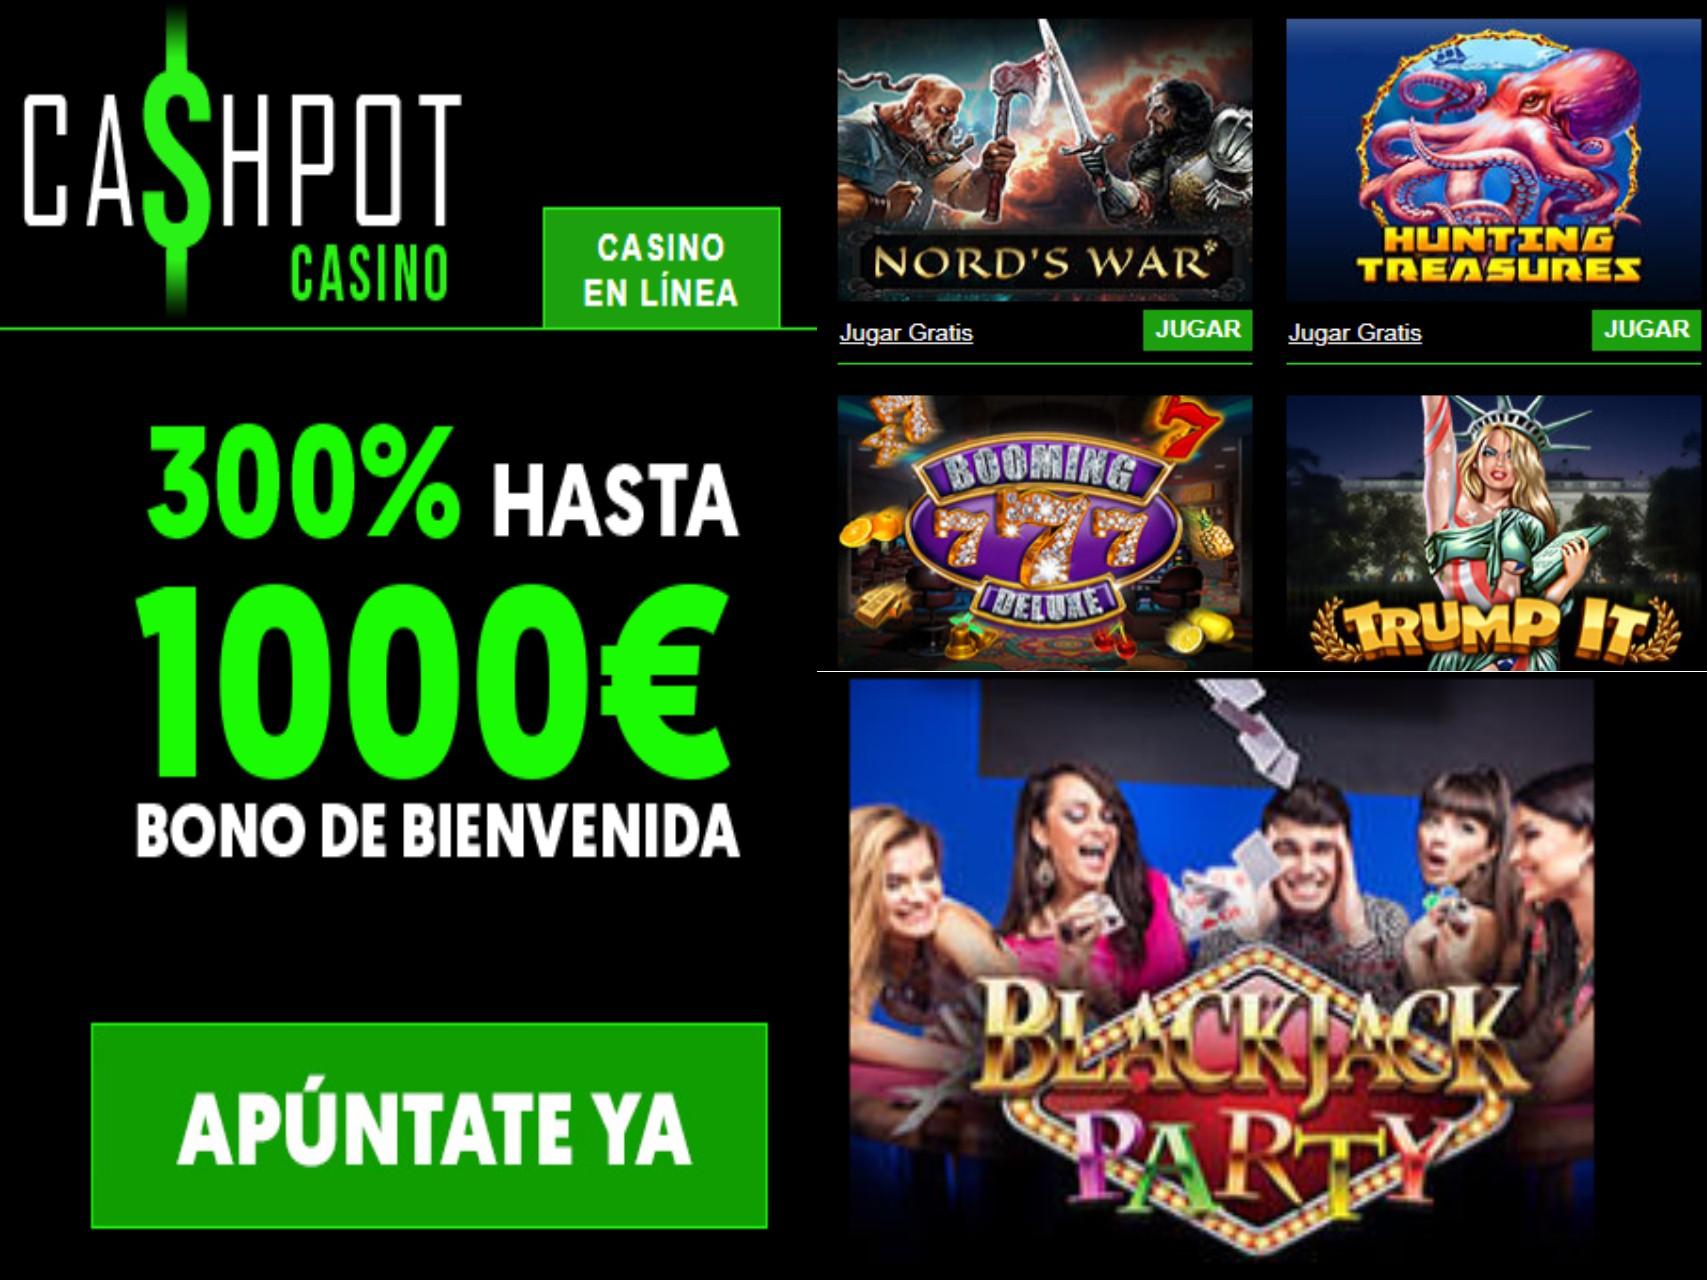 1000 euros por bono de bienvenida Casino Cashpot hasta por 300% sobre el primer depósito